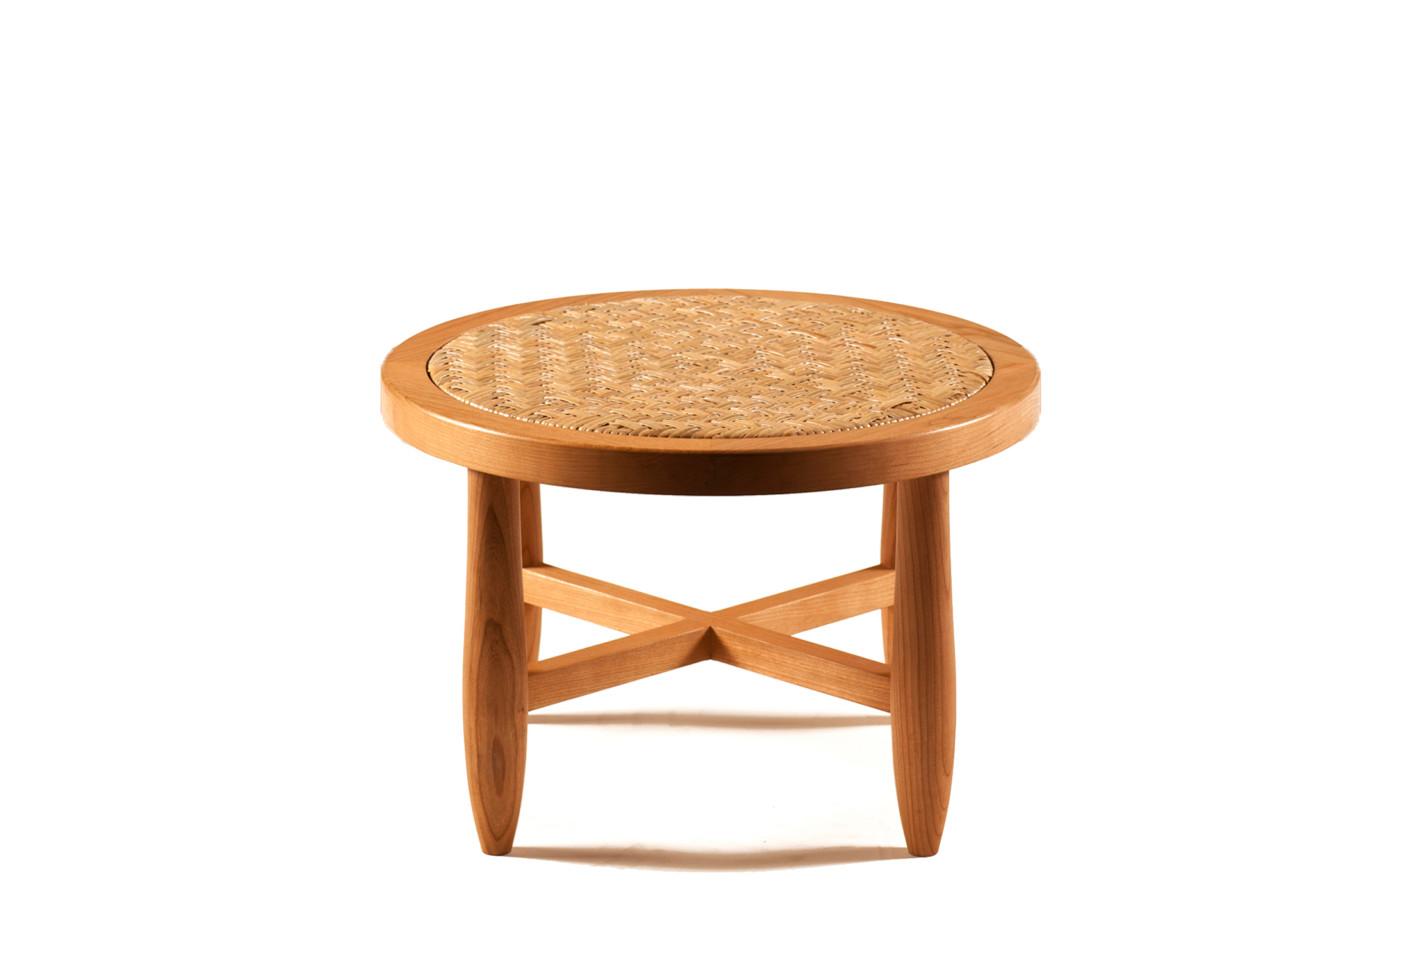 kanadier hocker von wohnkultur 66 stylepark. Black Bedroom Furniture Sets. Home Design Ideas